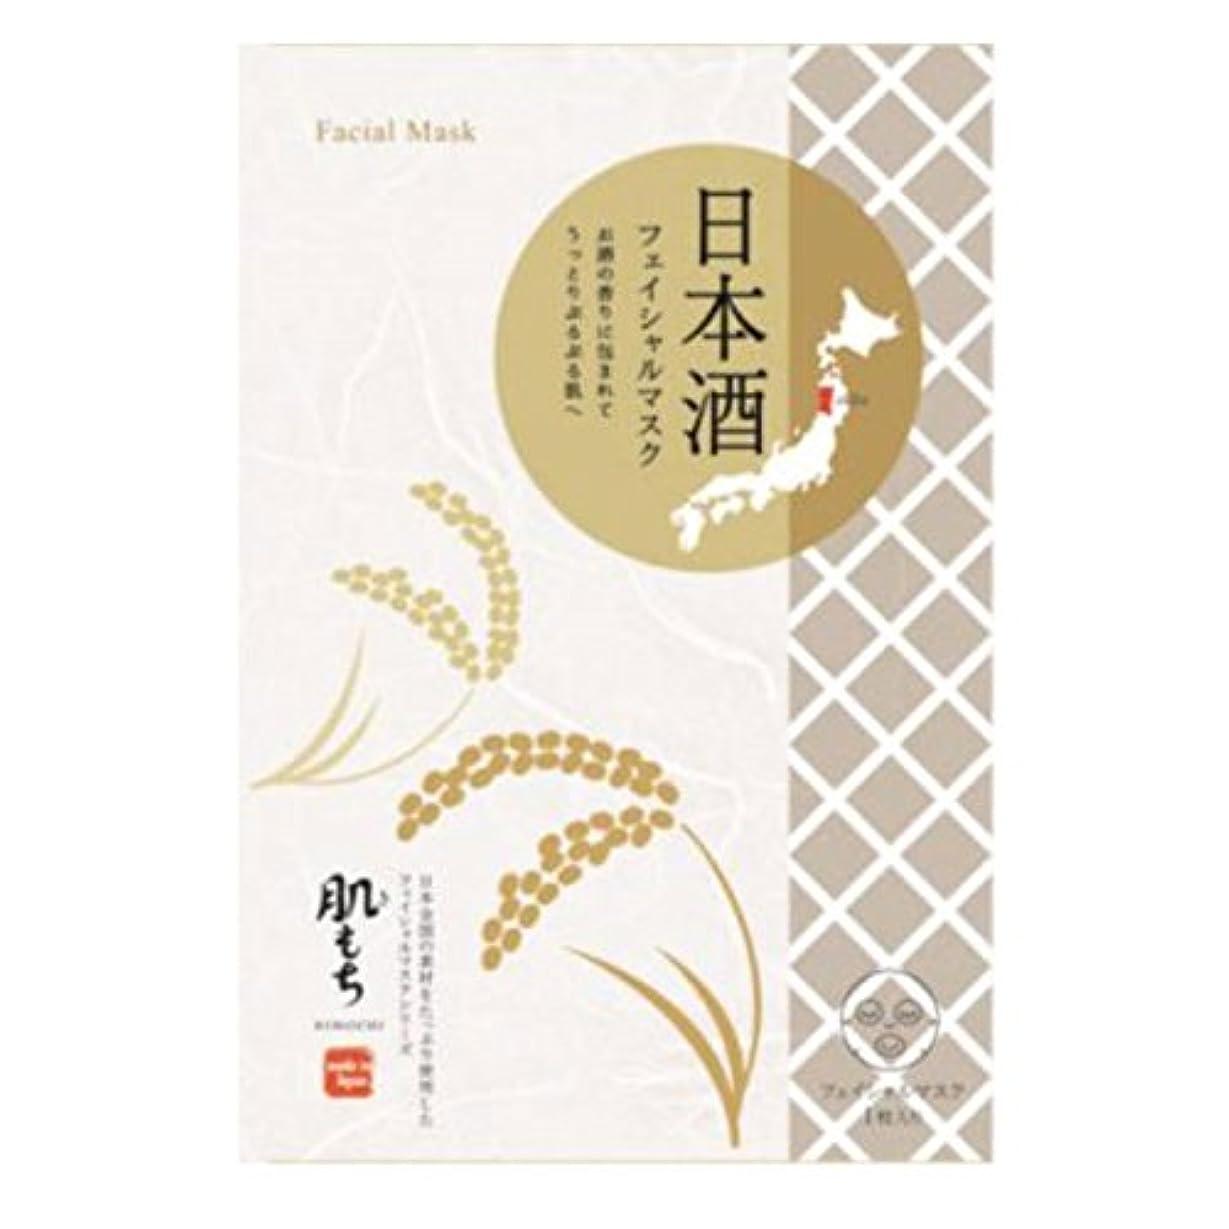 スワップ集中休日肌もち(きもち) フェイシャルマスク 日本酒(1枚20ml) 5枚セット